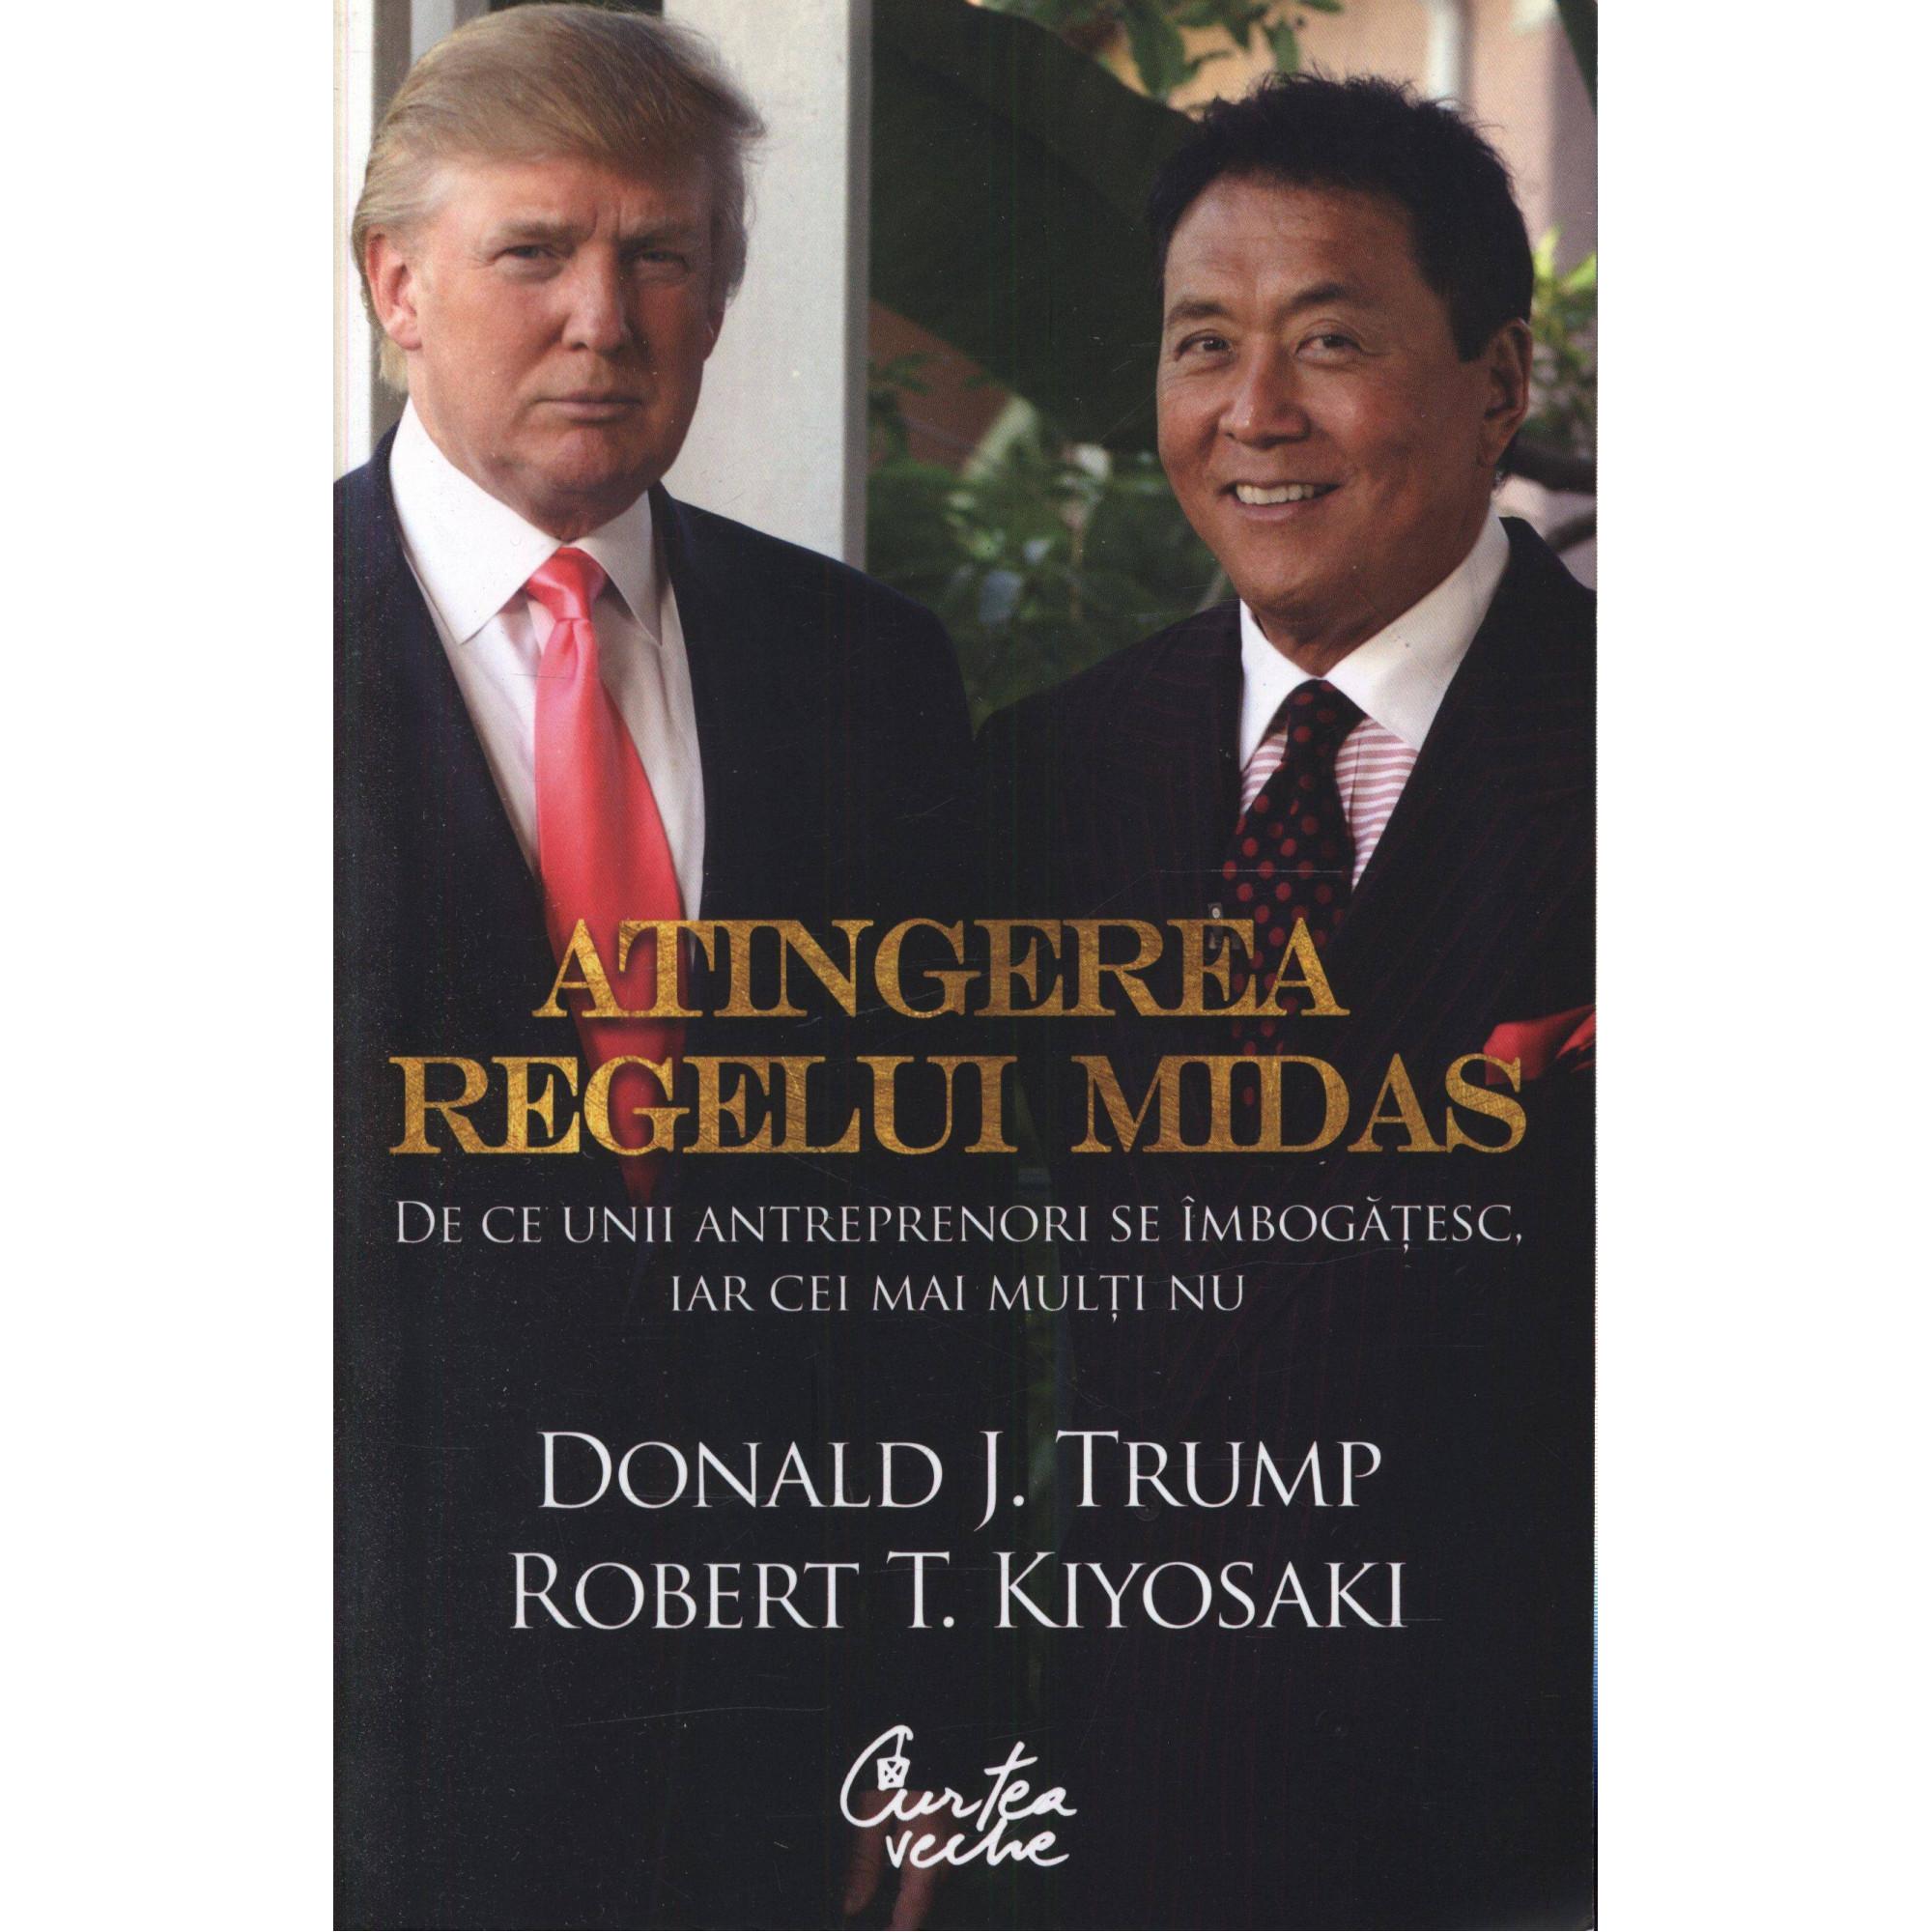 Atingerea regelui Midas. De ce unii antreprenori se îmbogăţesc, iar cei mai mulţi nu; Donald J. Trump, Robert T. Kiyosaki